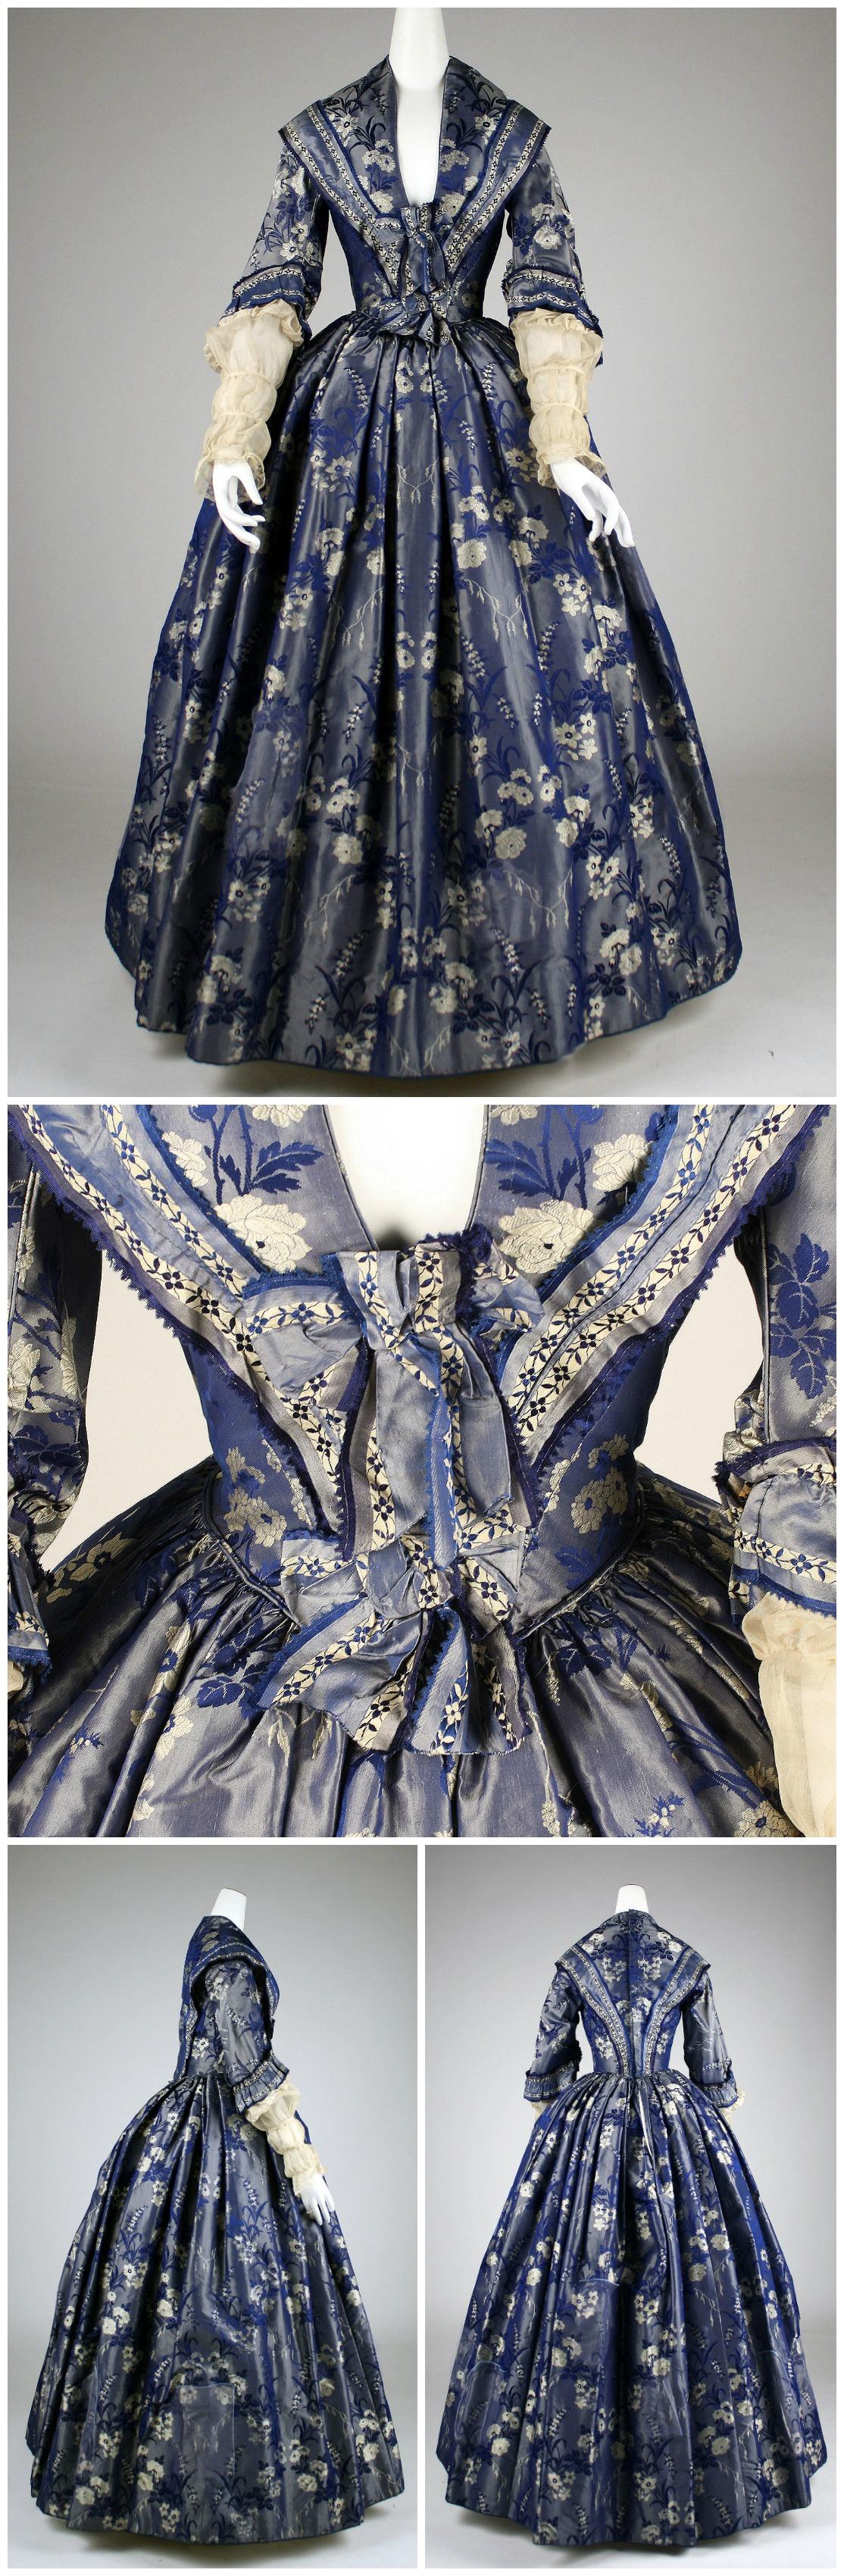 1842. British. Silk. metmuseum.org